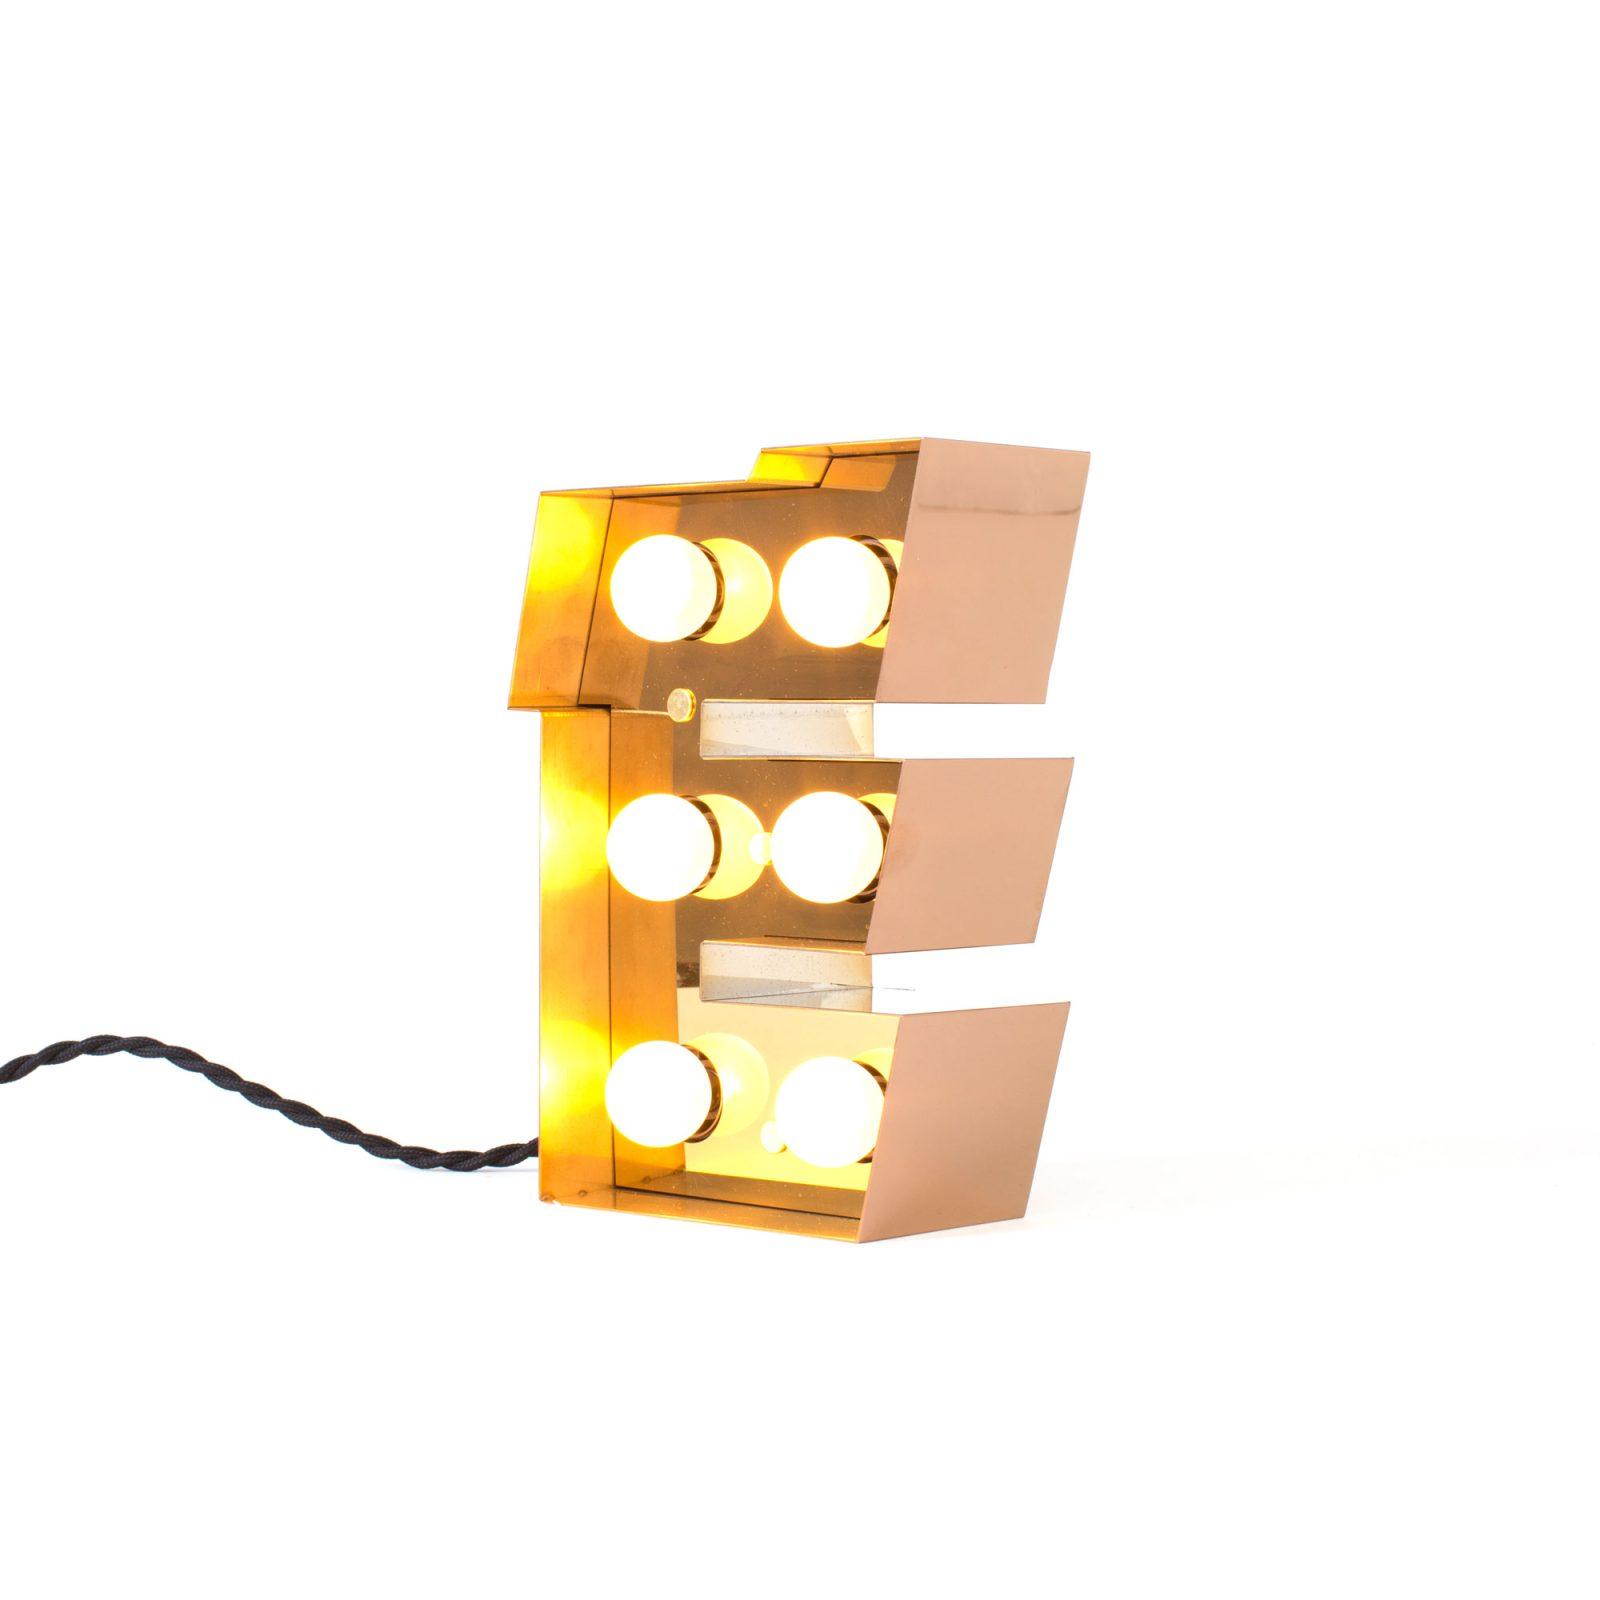 Caractère Alphabet Lights, E-34476